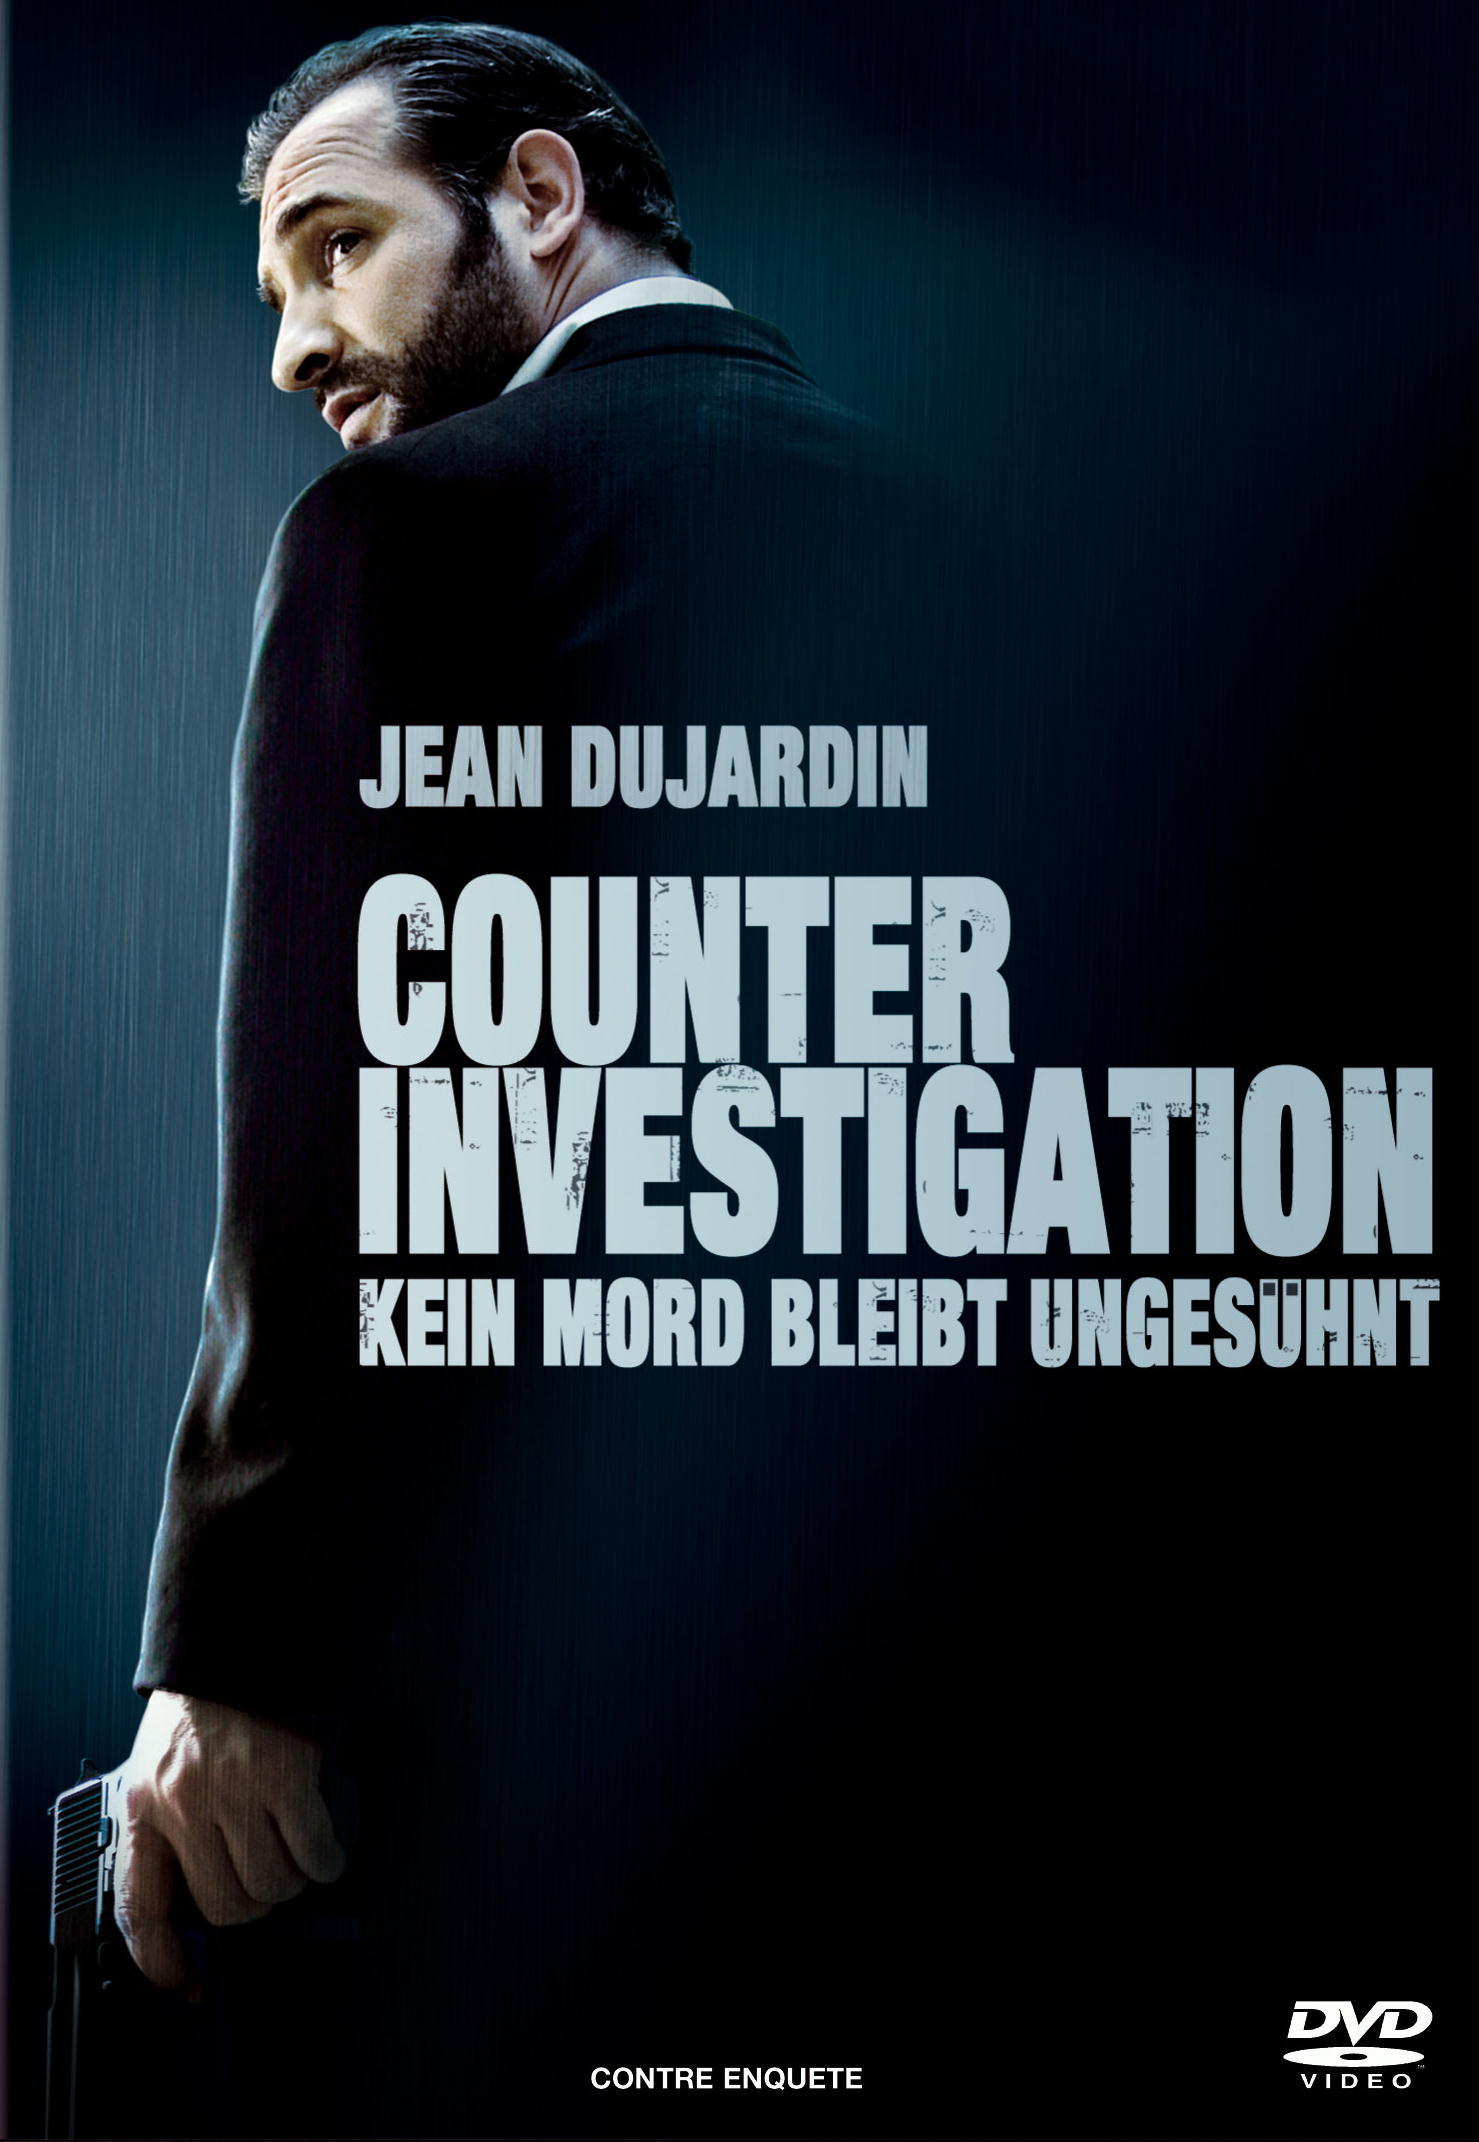 Counter Investigation - Kein Mord bleibt ungesühnt Poster